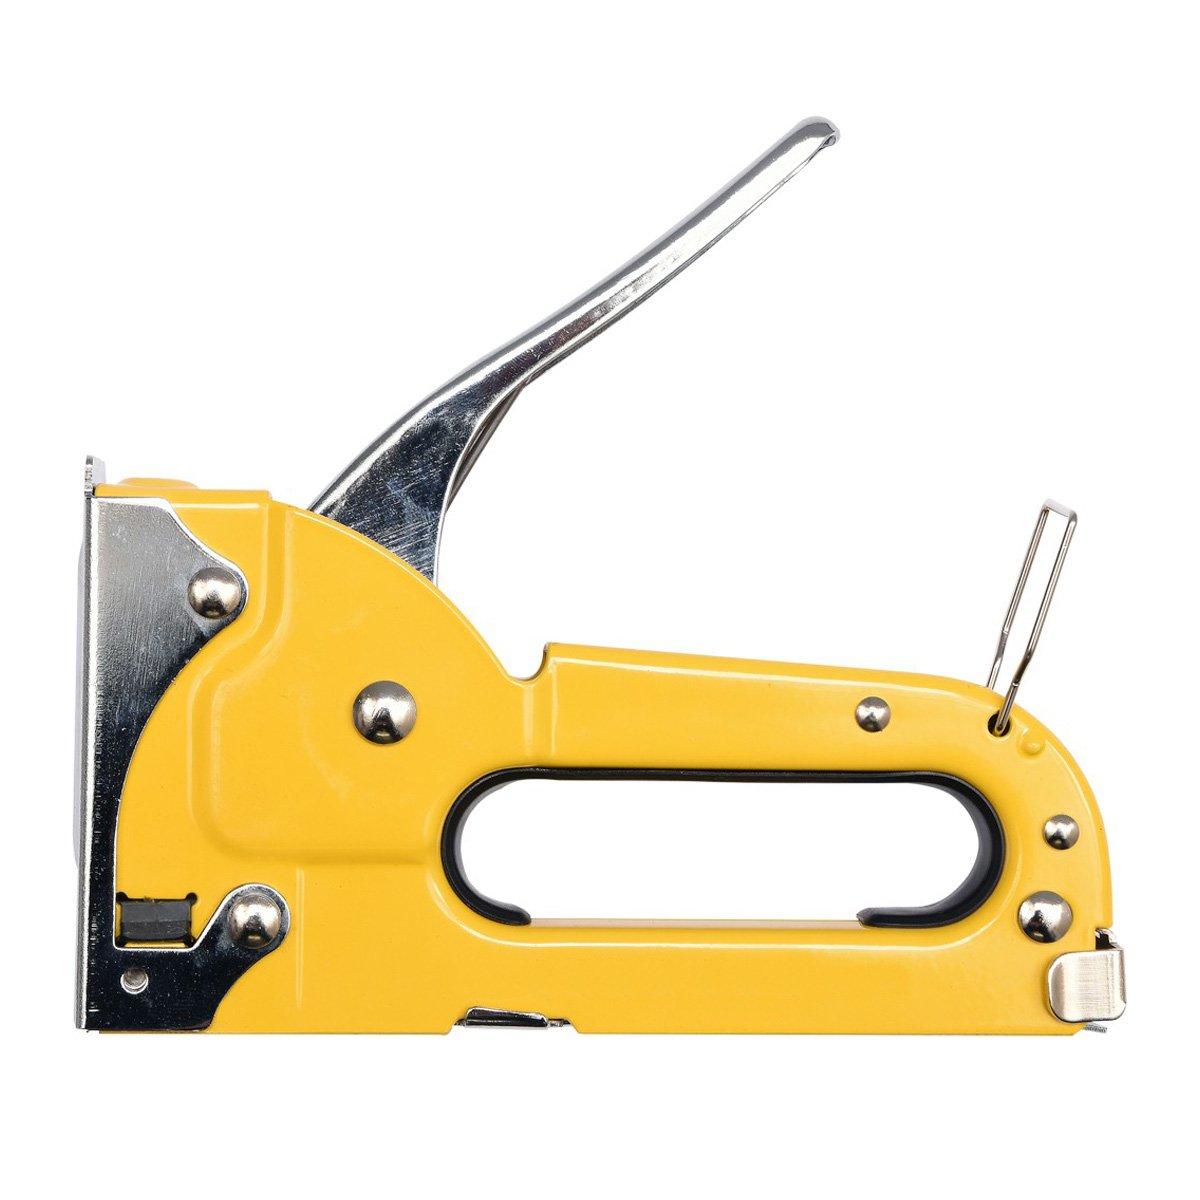 Metall Handtacker Hefter 4-8 mm Nagler Klammern Schnellnagler